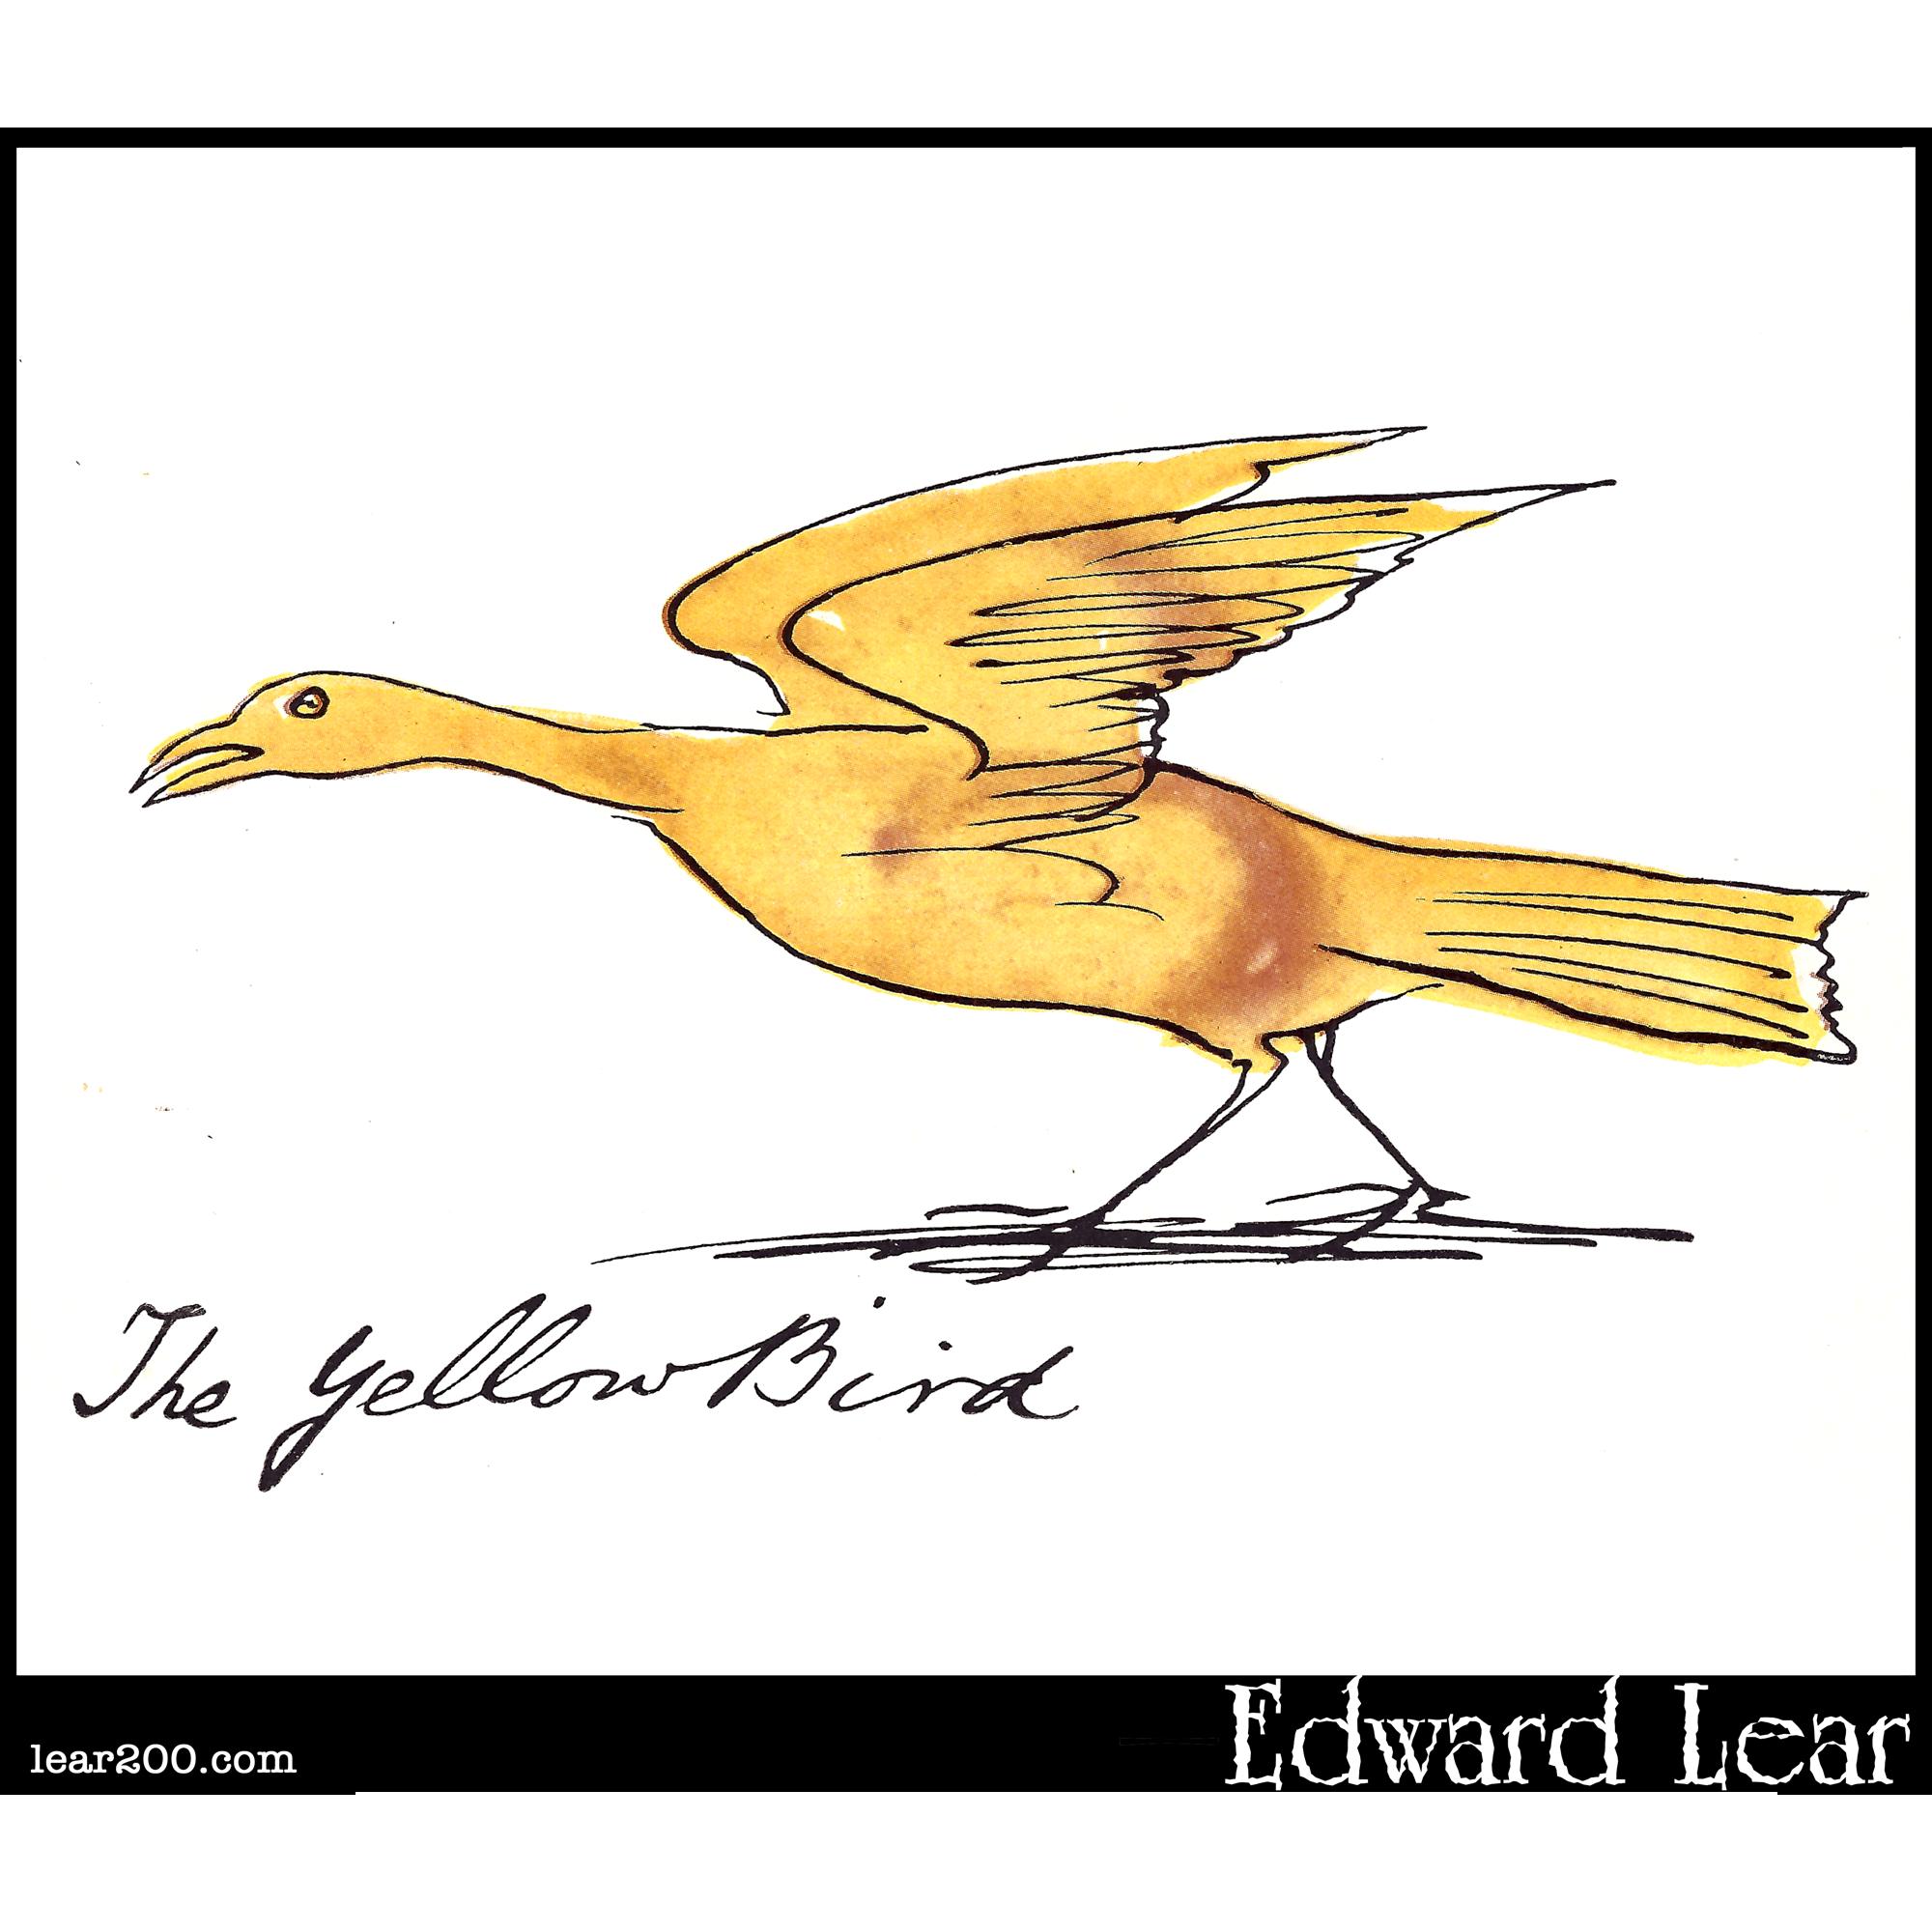 The Yellow Bird